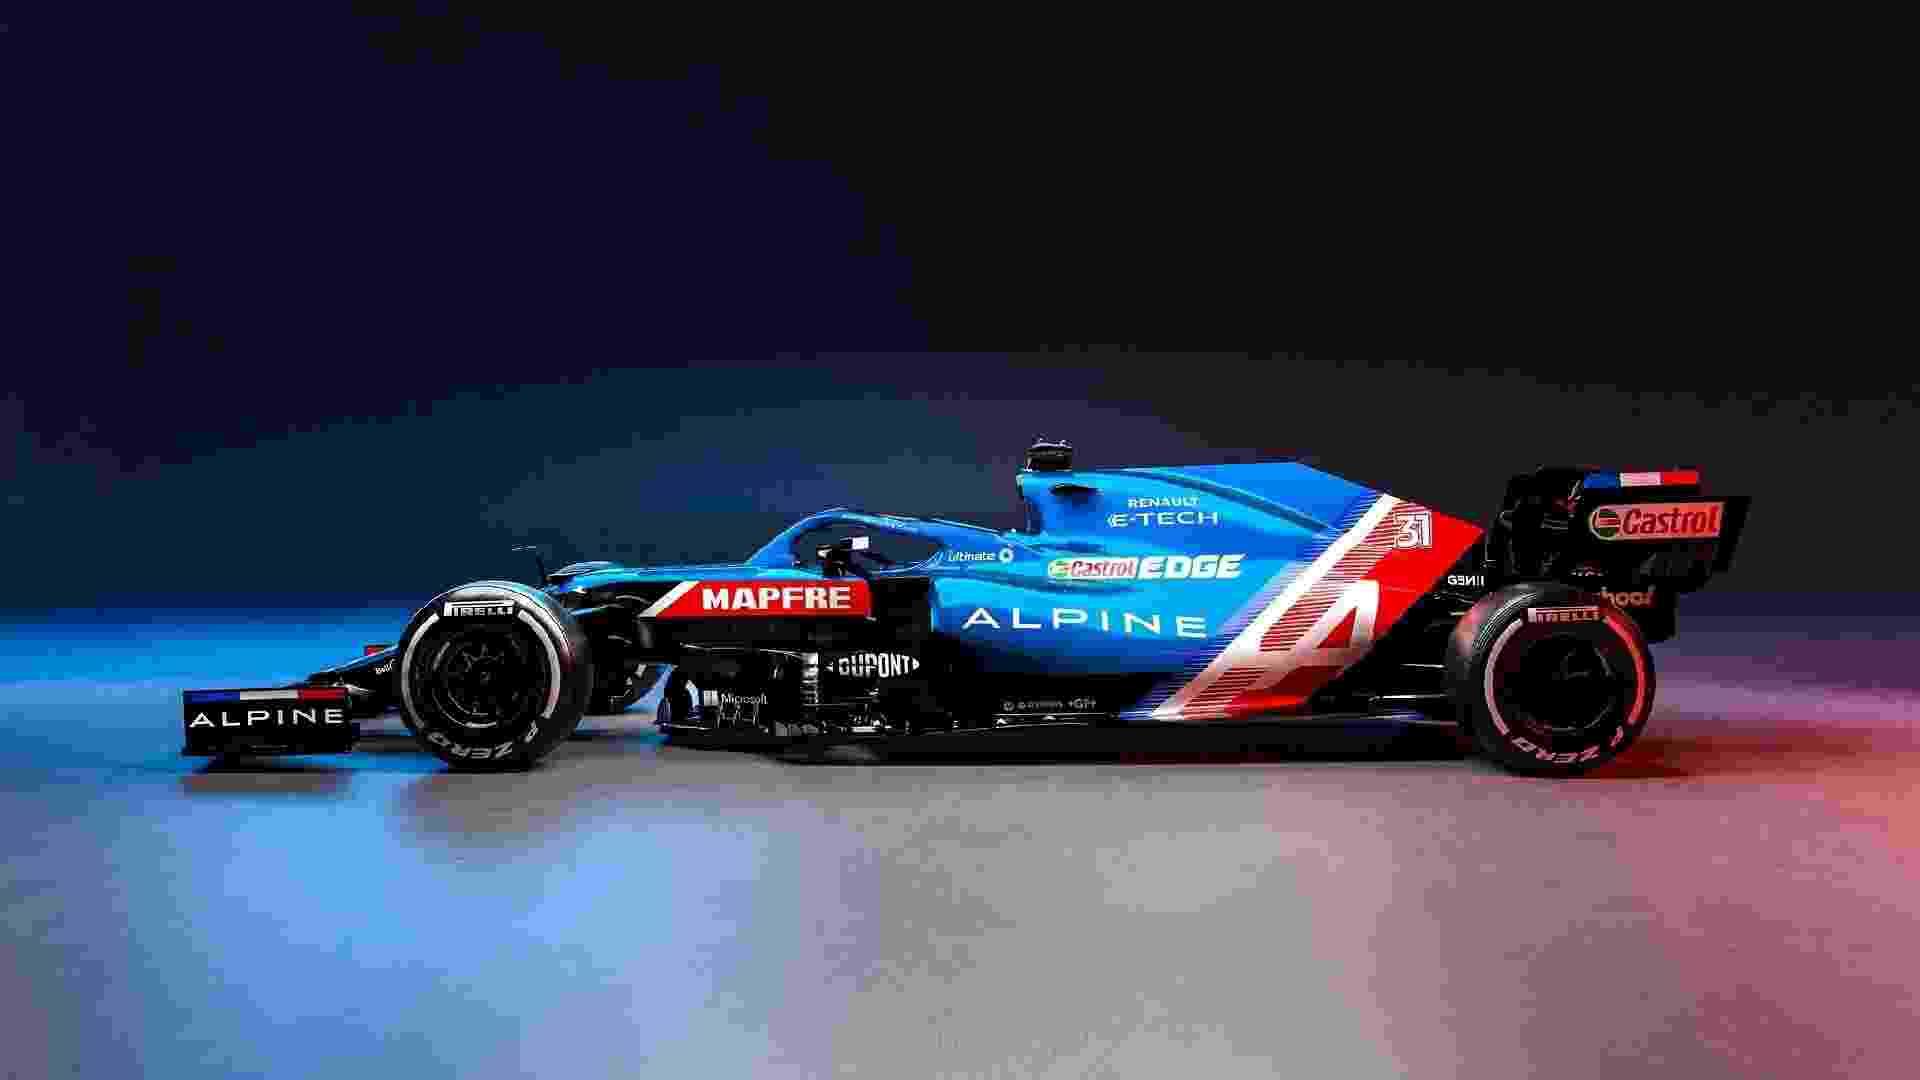 Cores do carro da Alpine têm o azul, o vermelho e o branco das bandeiras do Reino Unido e França - Divulgação/Renault